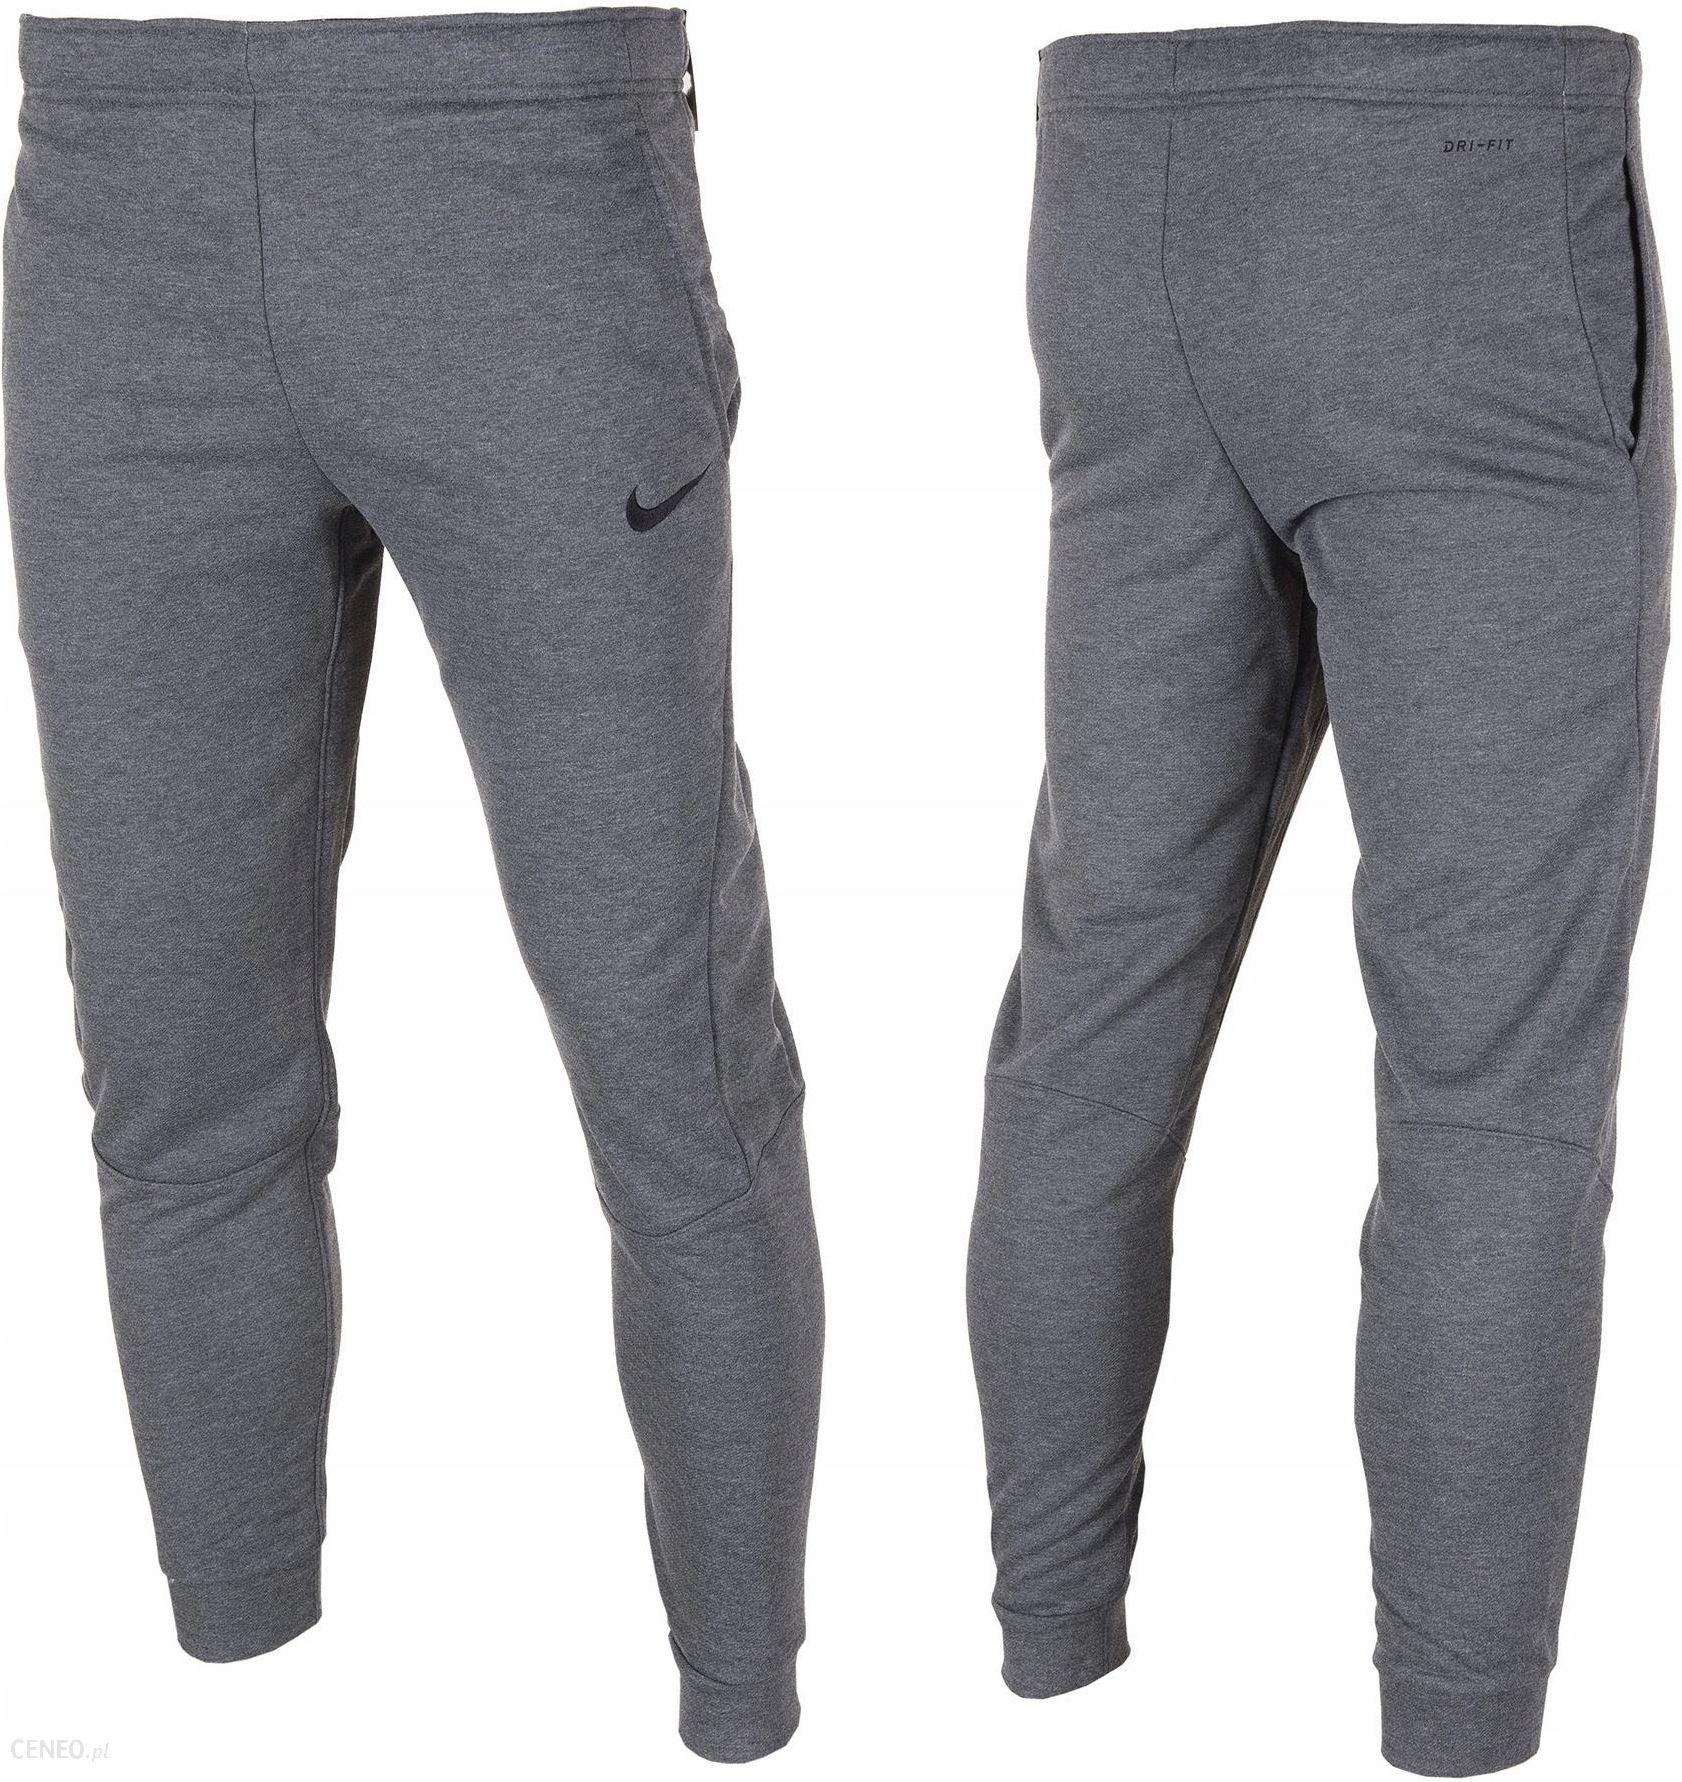 sklep nieźle 50% ceny Nike spodnie dresowe dresy męskie Dry Pant roz L - Ceny i opinie - Ceneo.pl